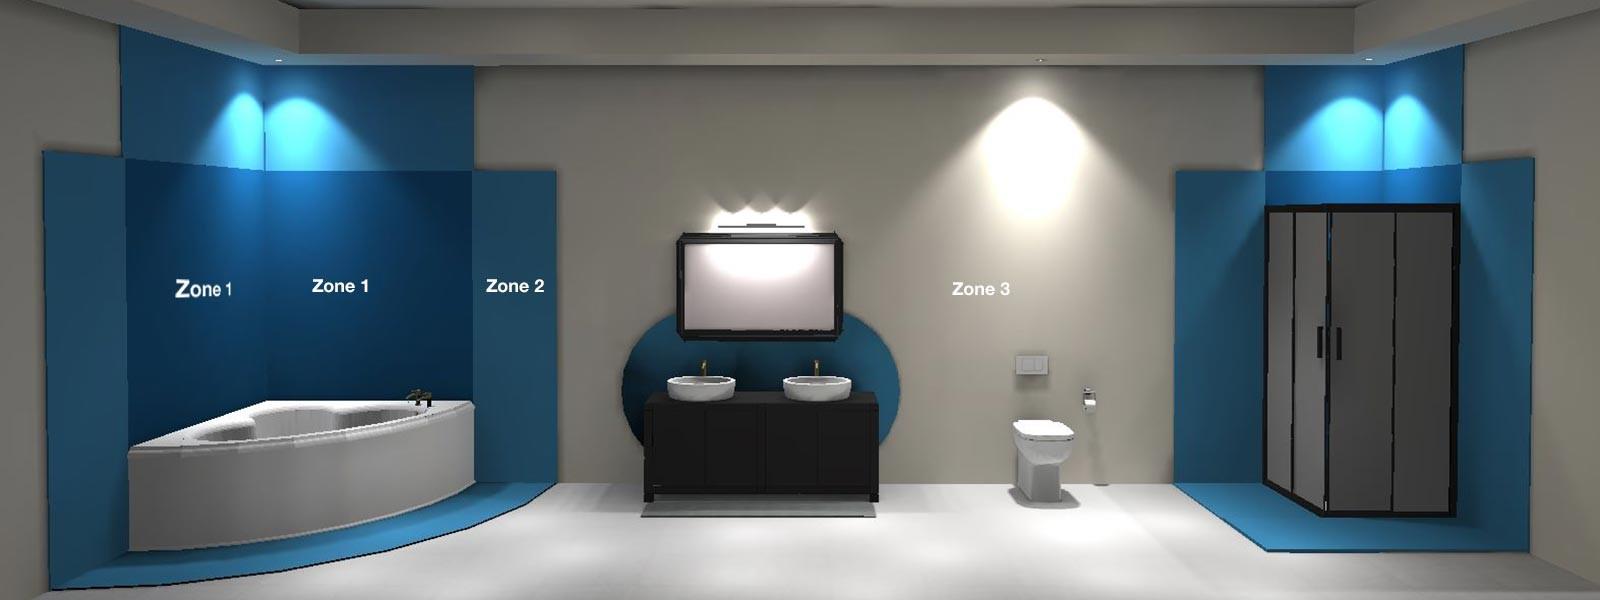 Lichtplan maken voor een badkamer